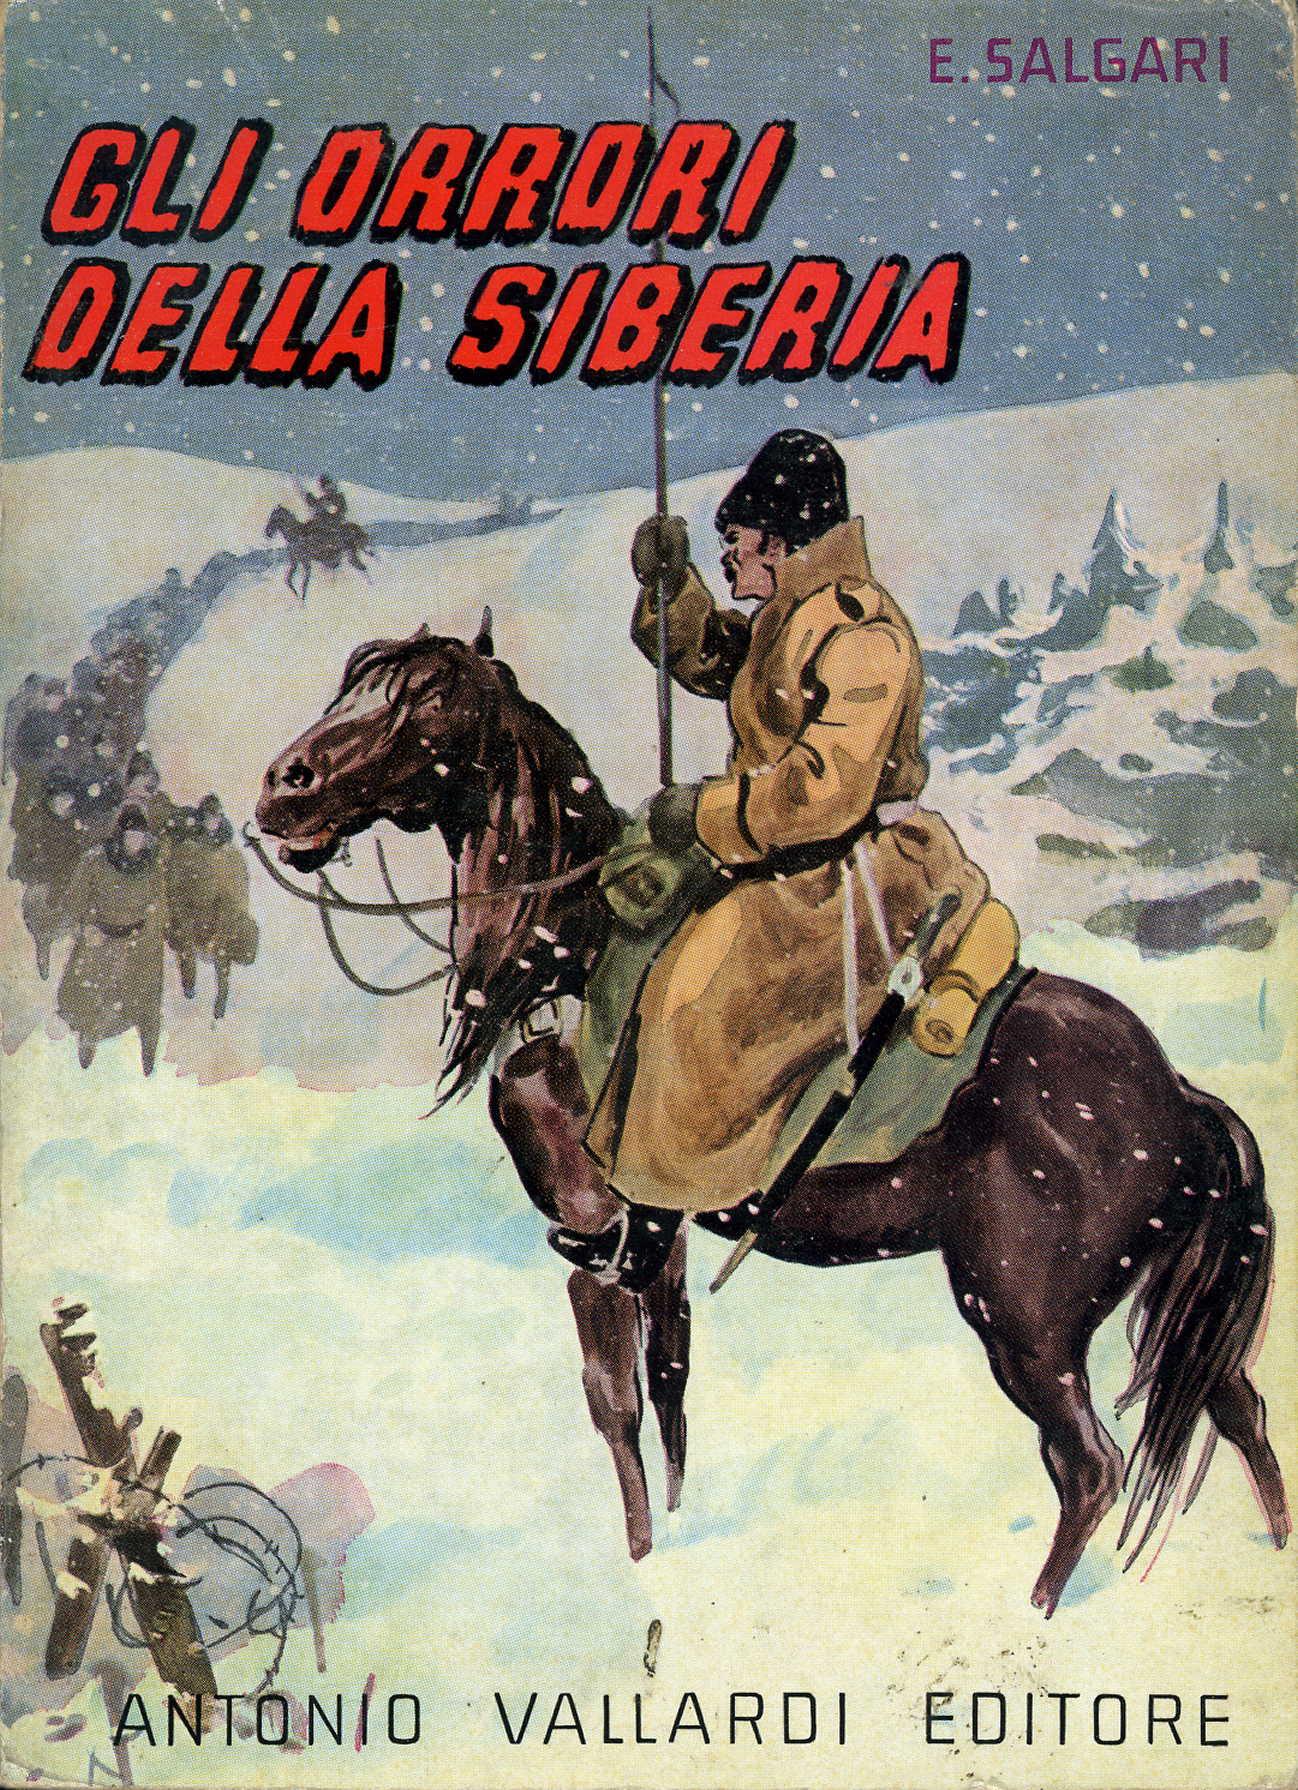 Gli orrori della Siberia